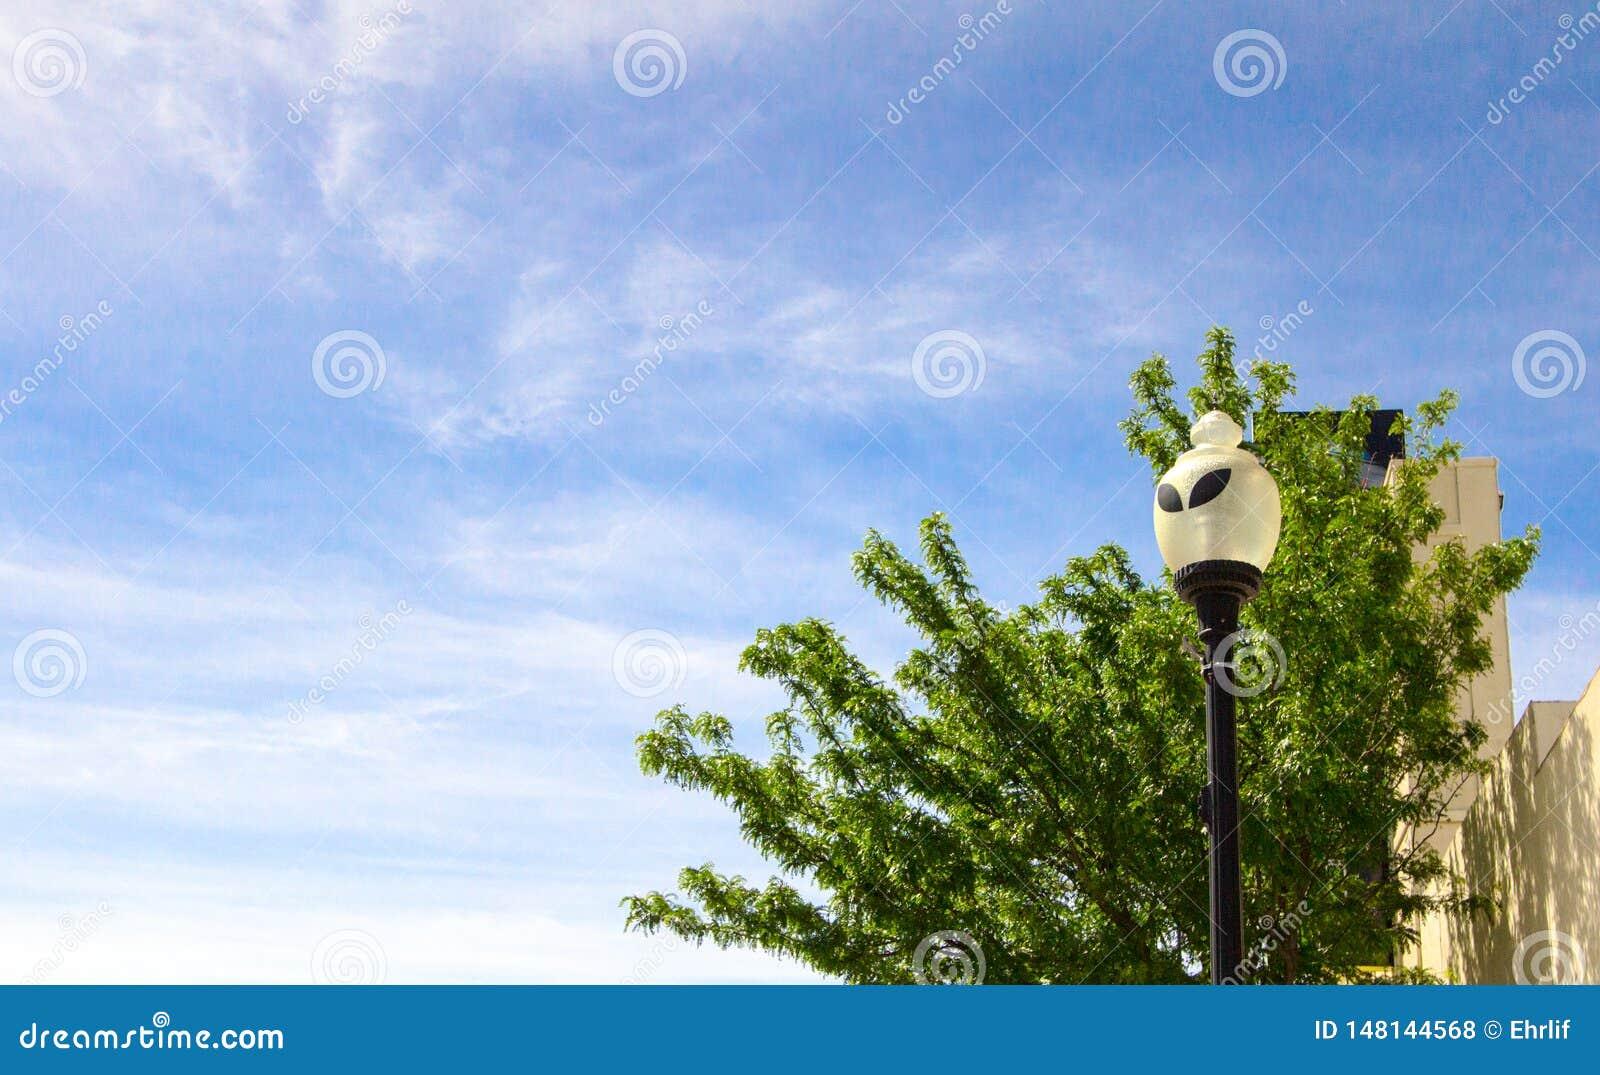 Obca twarzy latarnia uliczna W Roswell Nowym - Mexico